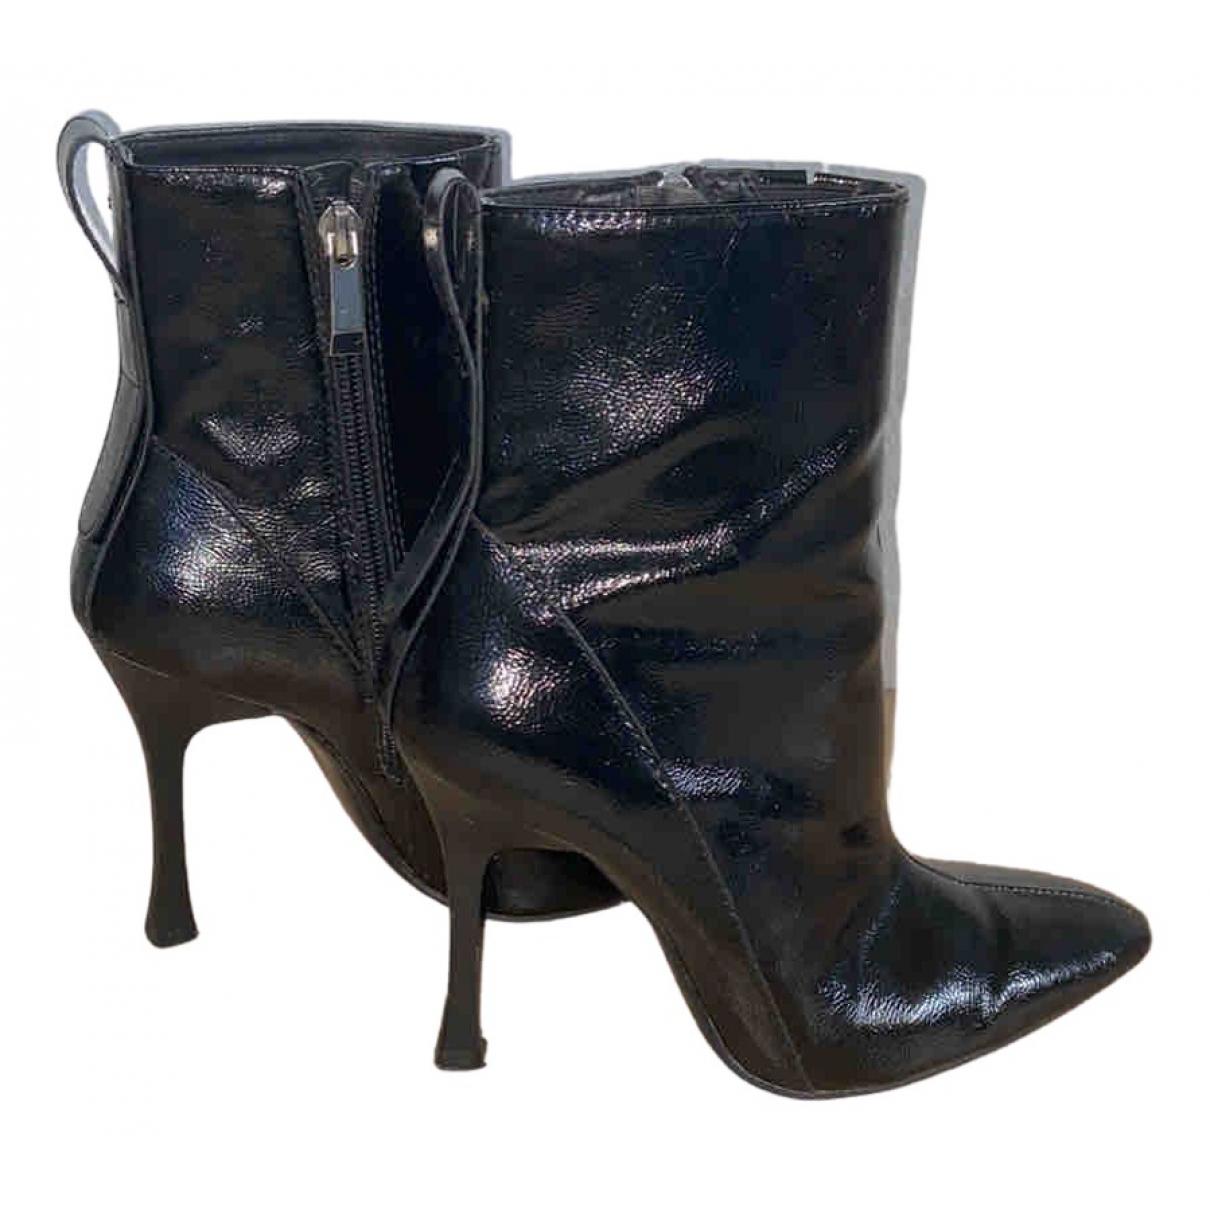 Zara \N Stiefel in  Schwarz Lackleder